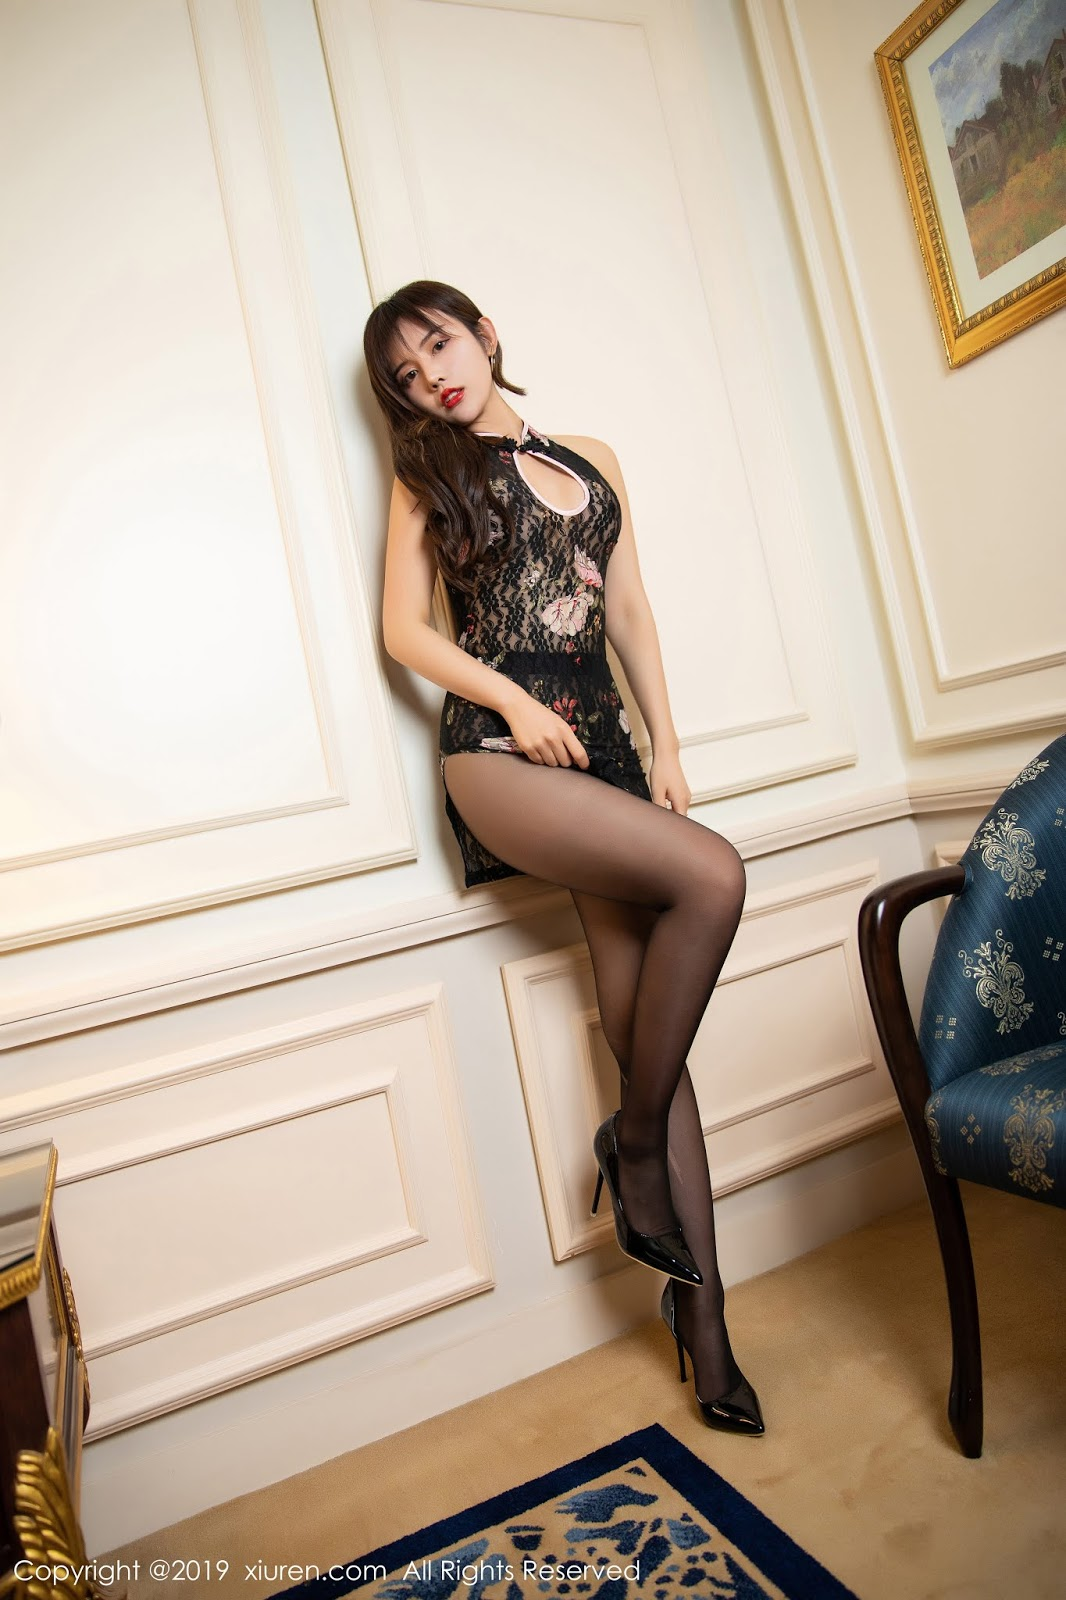 Asiaa.online Model No.145 - Cris_卓娅祺